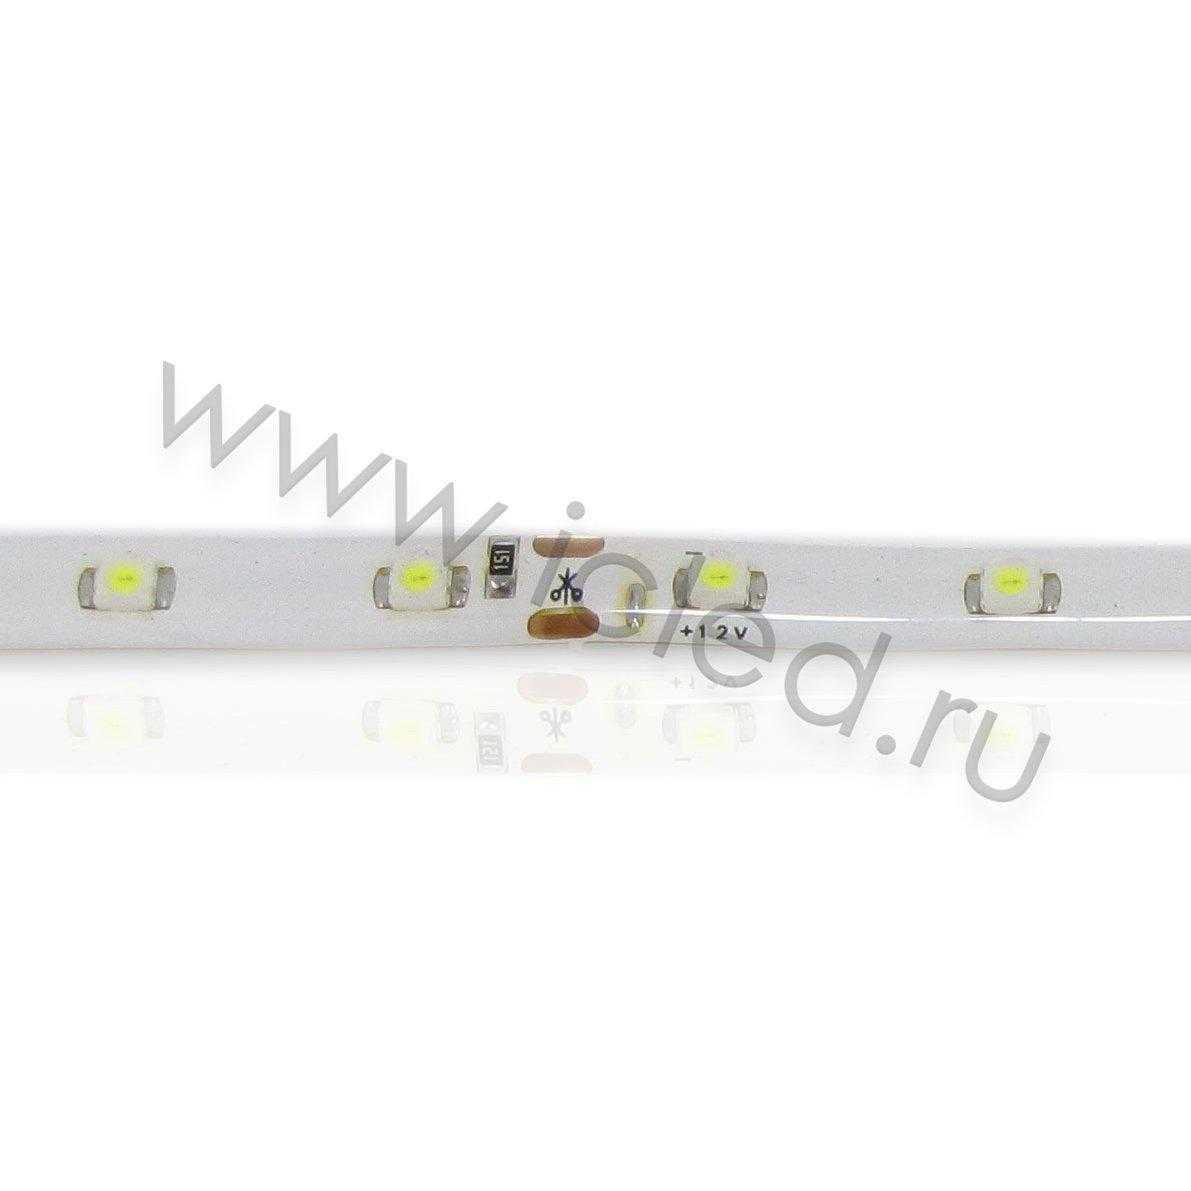 Светодиодная лента Econom class, 3528, 60led/m, White, 12V, IP65